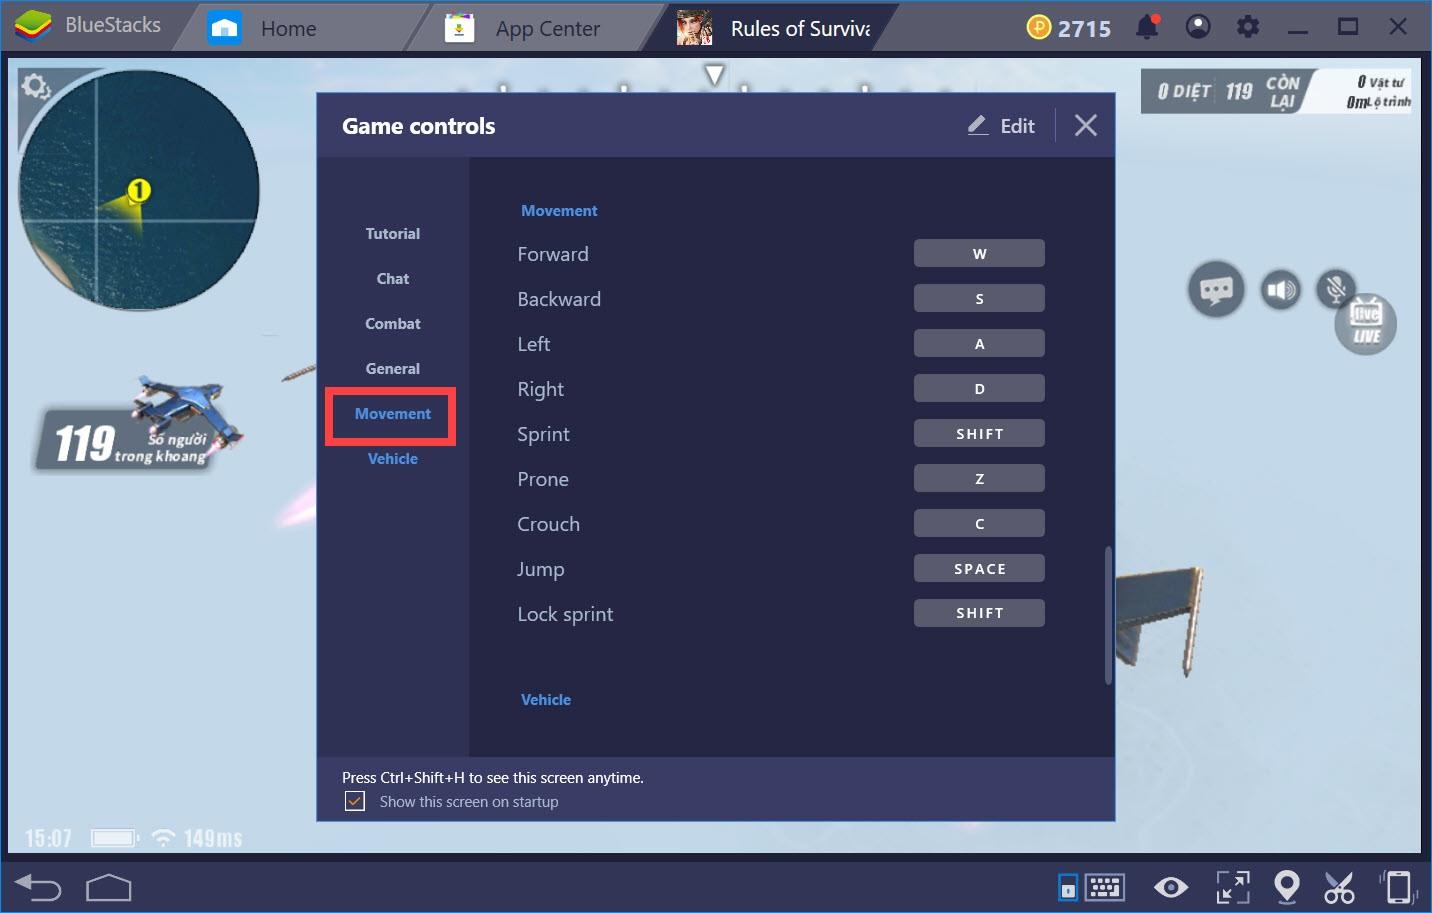 Hướng dẫn thiết lập Game controls khi chơi Rules of Survival với BlueStacks 4